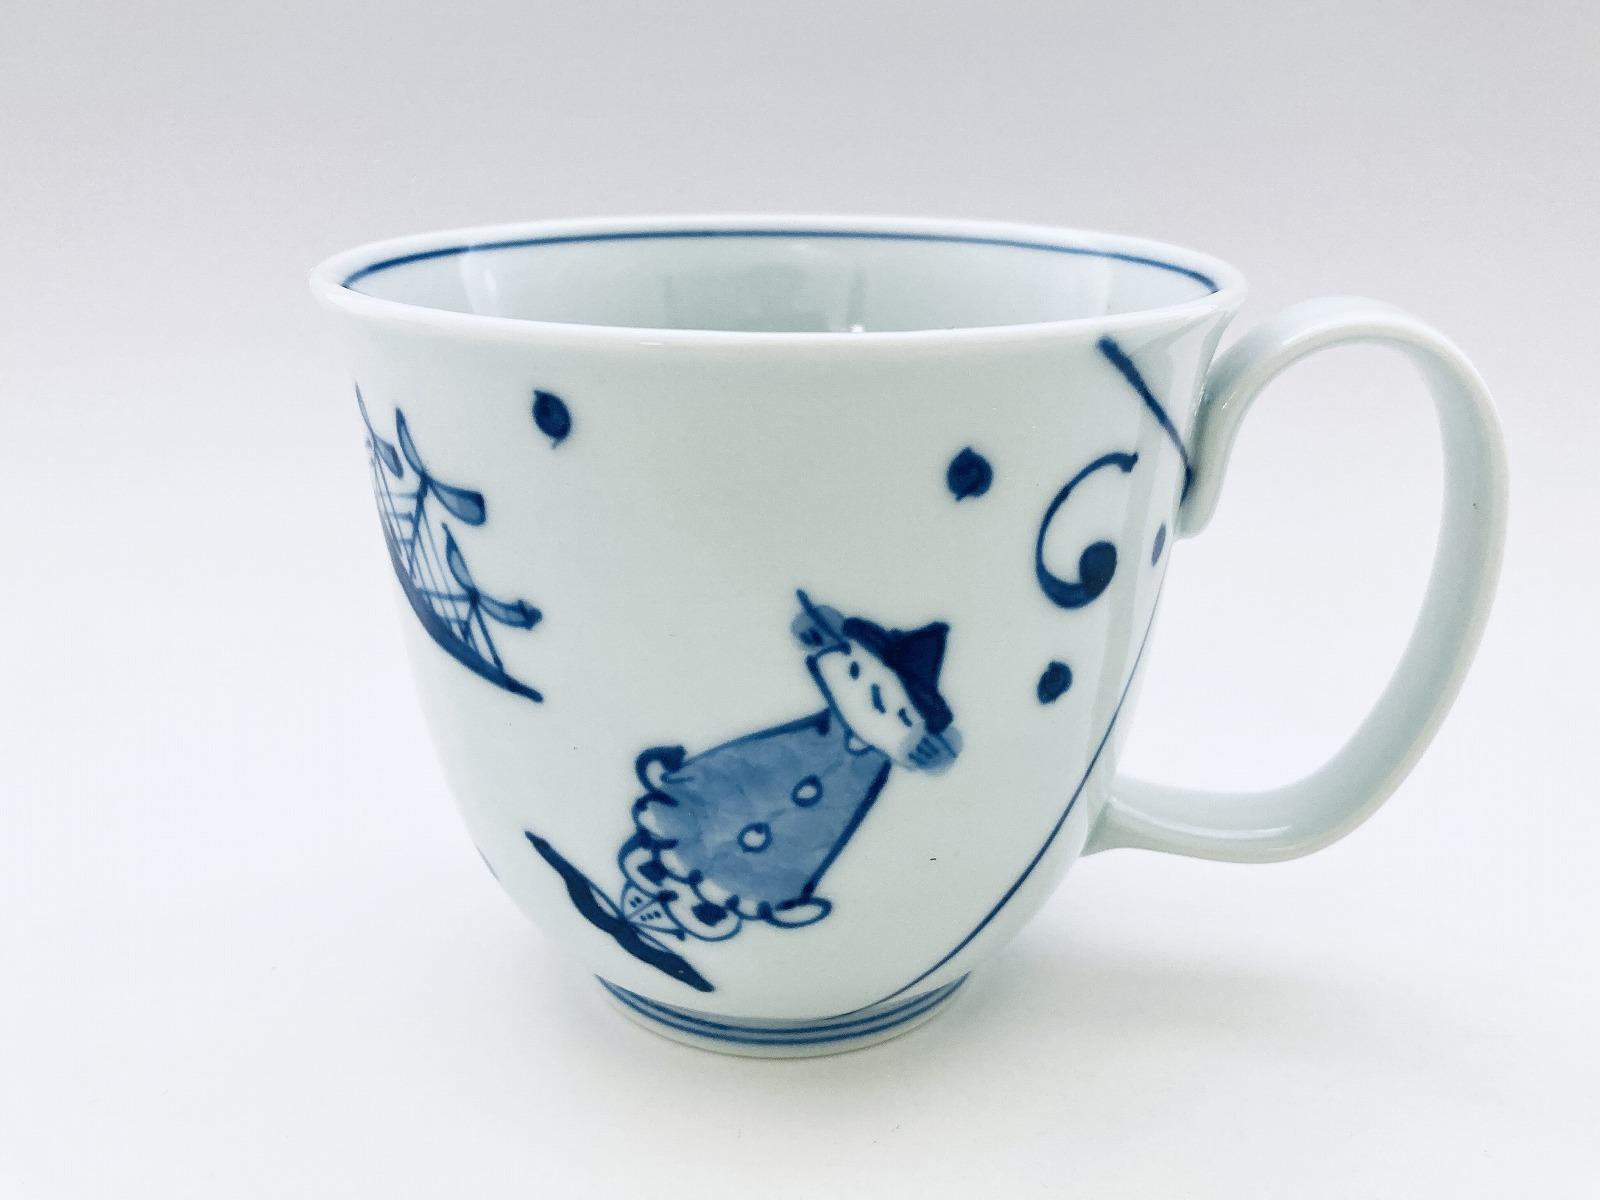 濃マント異人フリーマグカップ(大)しん窯青花